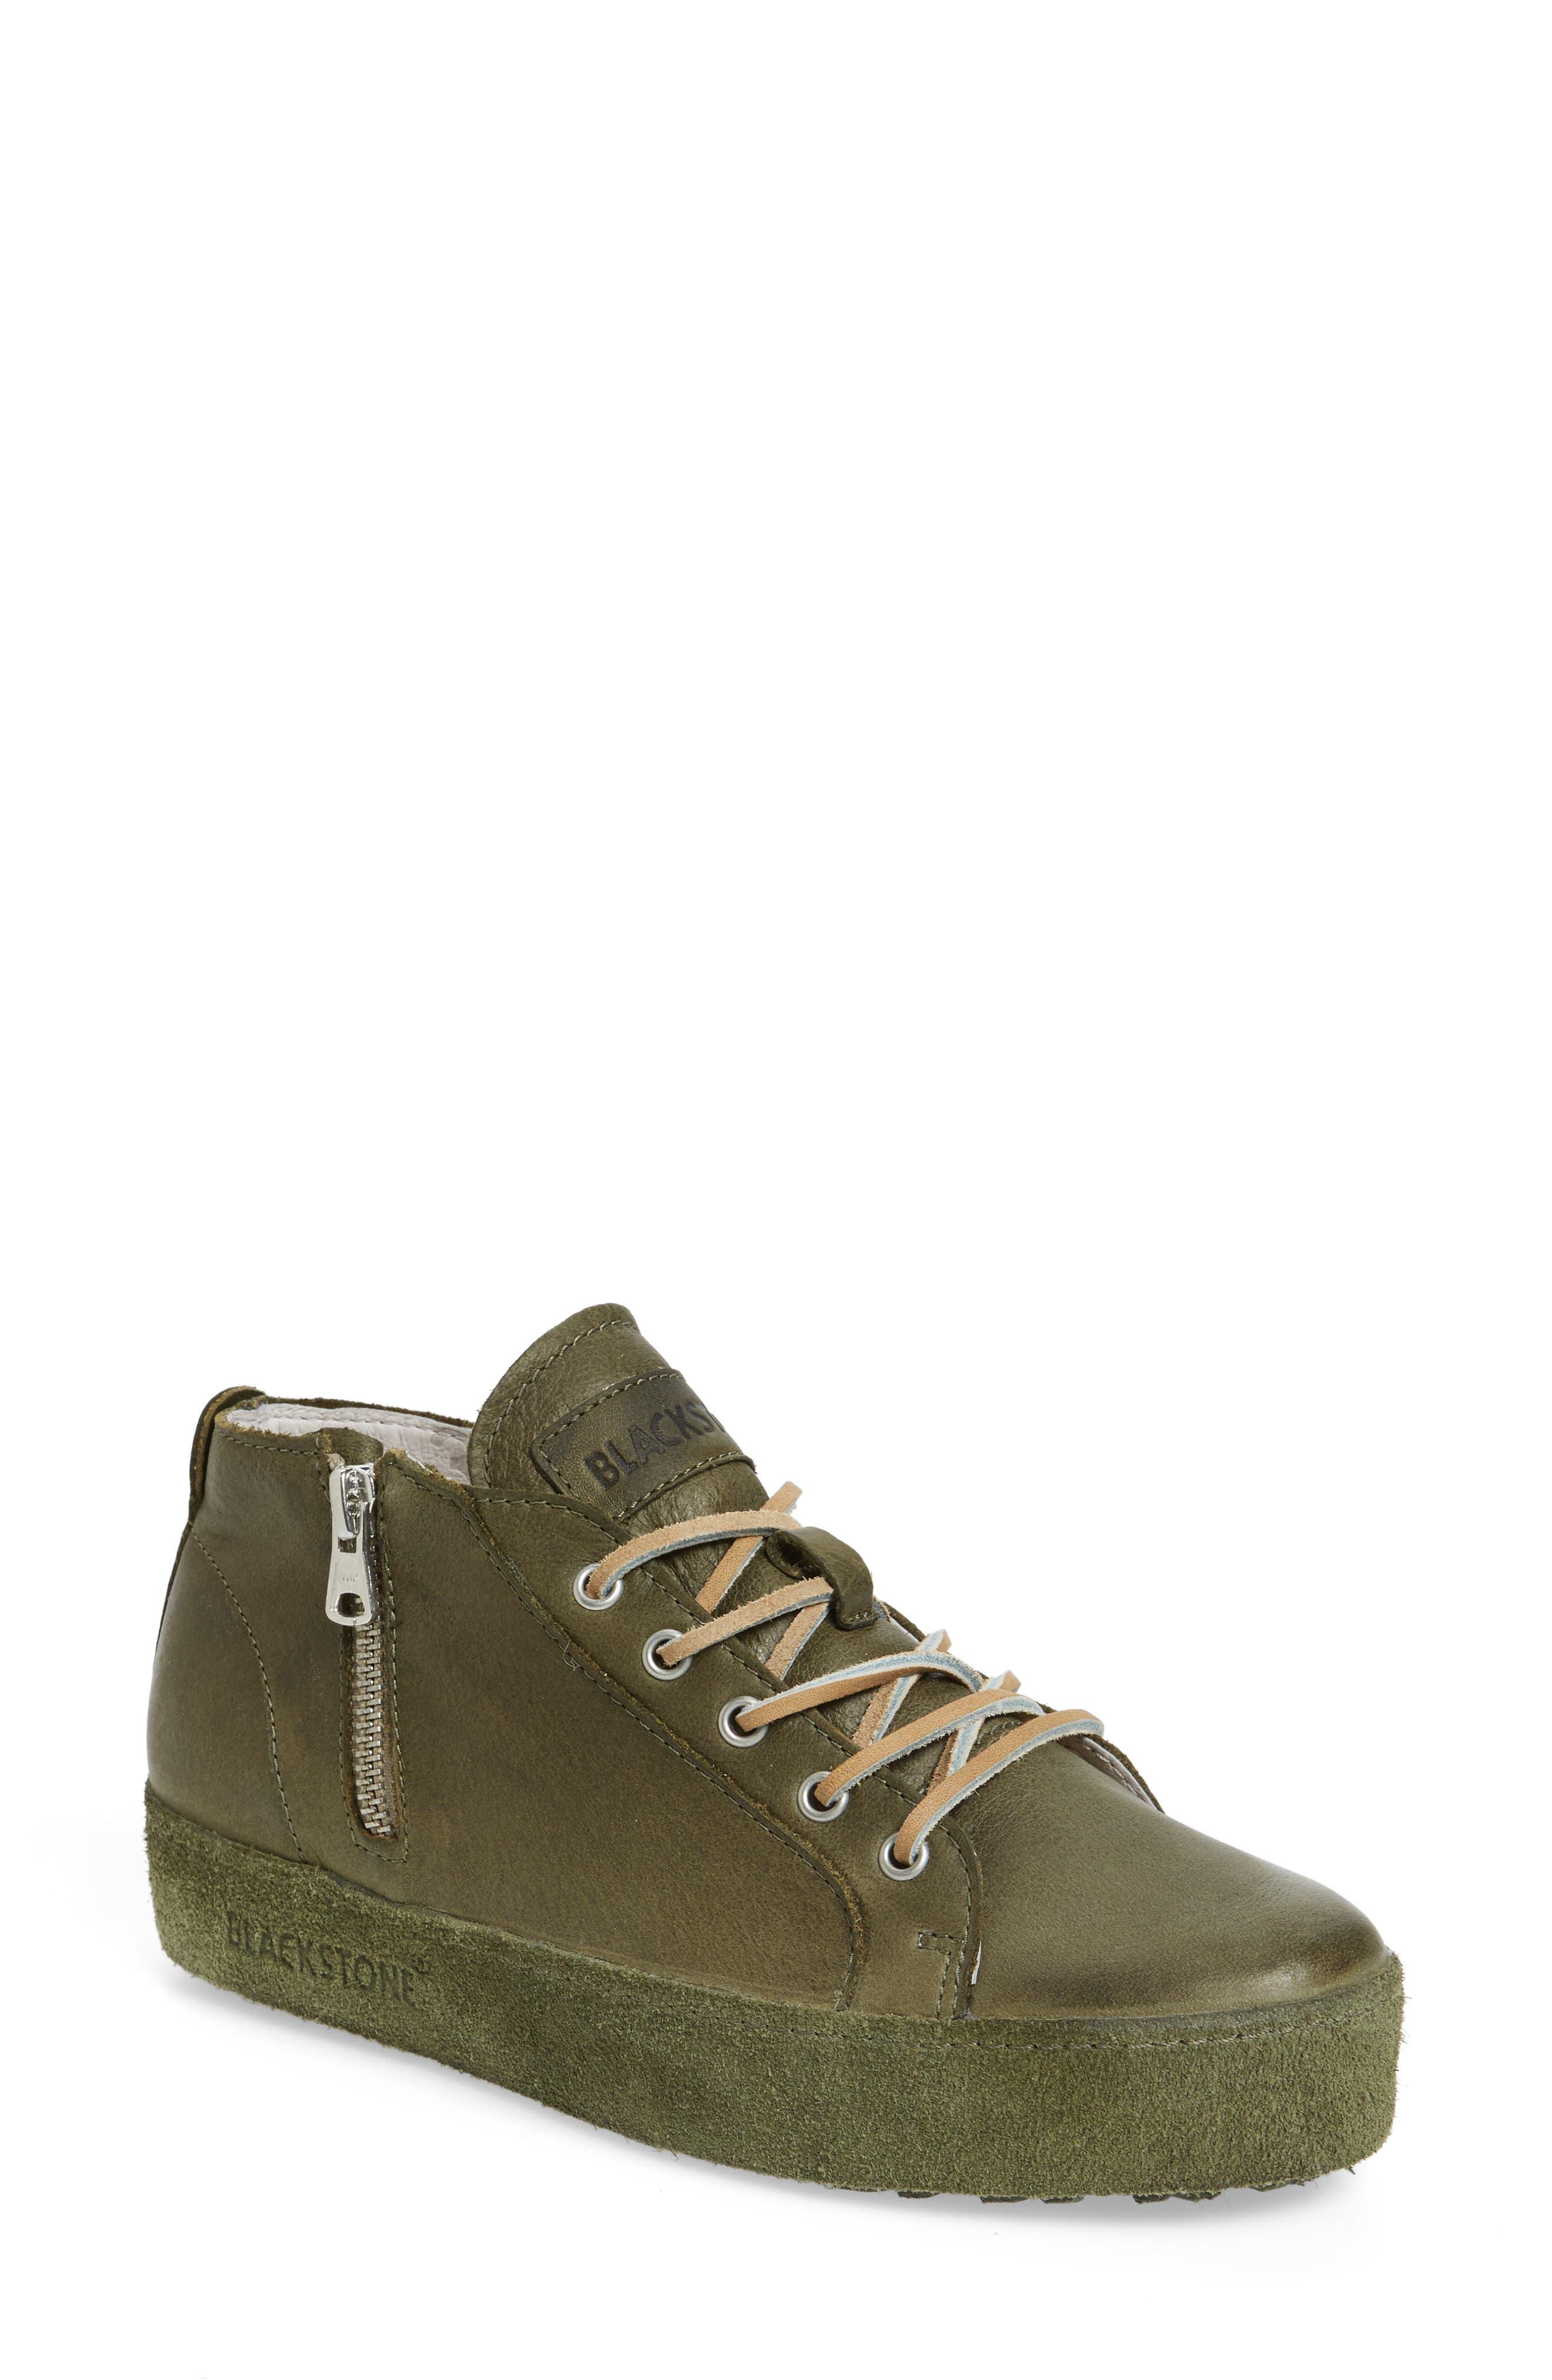 NL37 Midi Platform Sneaker,                             Main thumbnail 1, color,                             OLIVE LEATHER